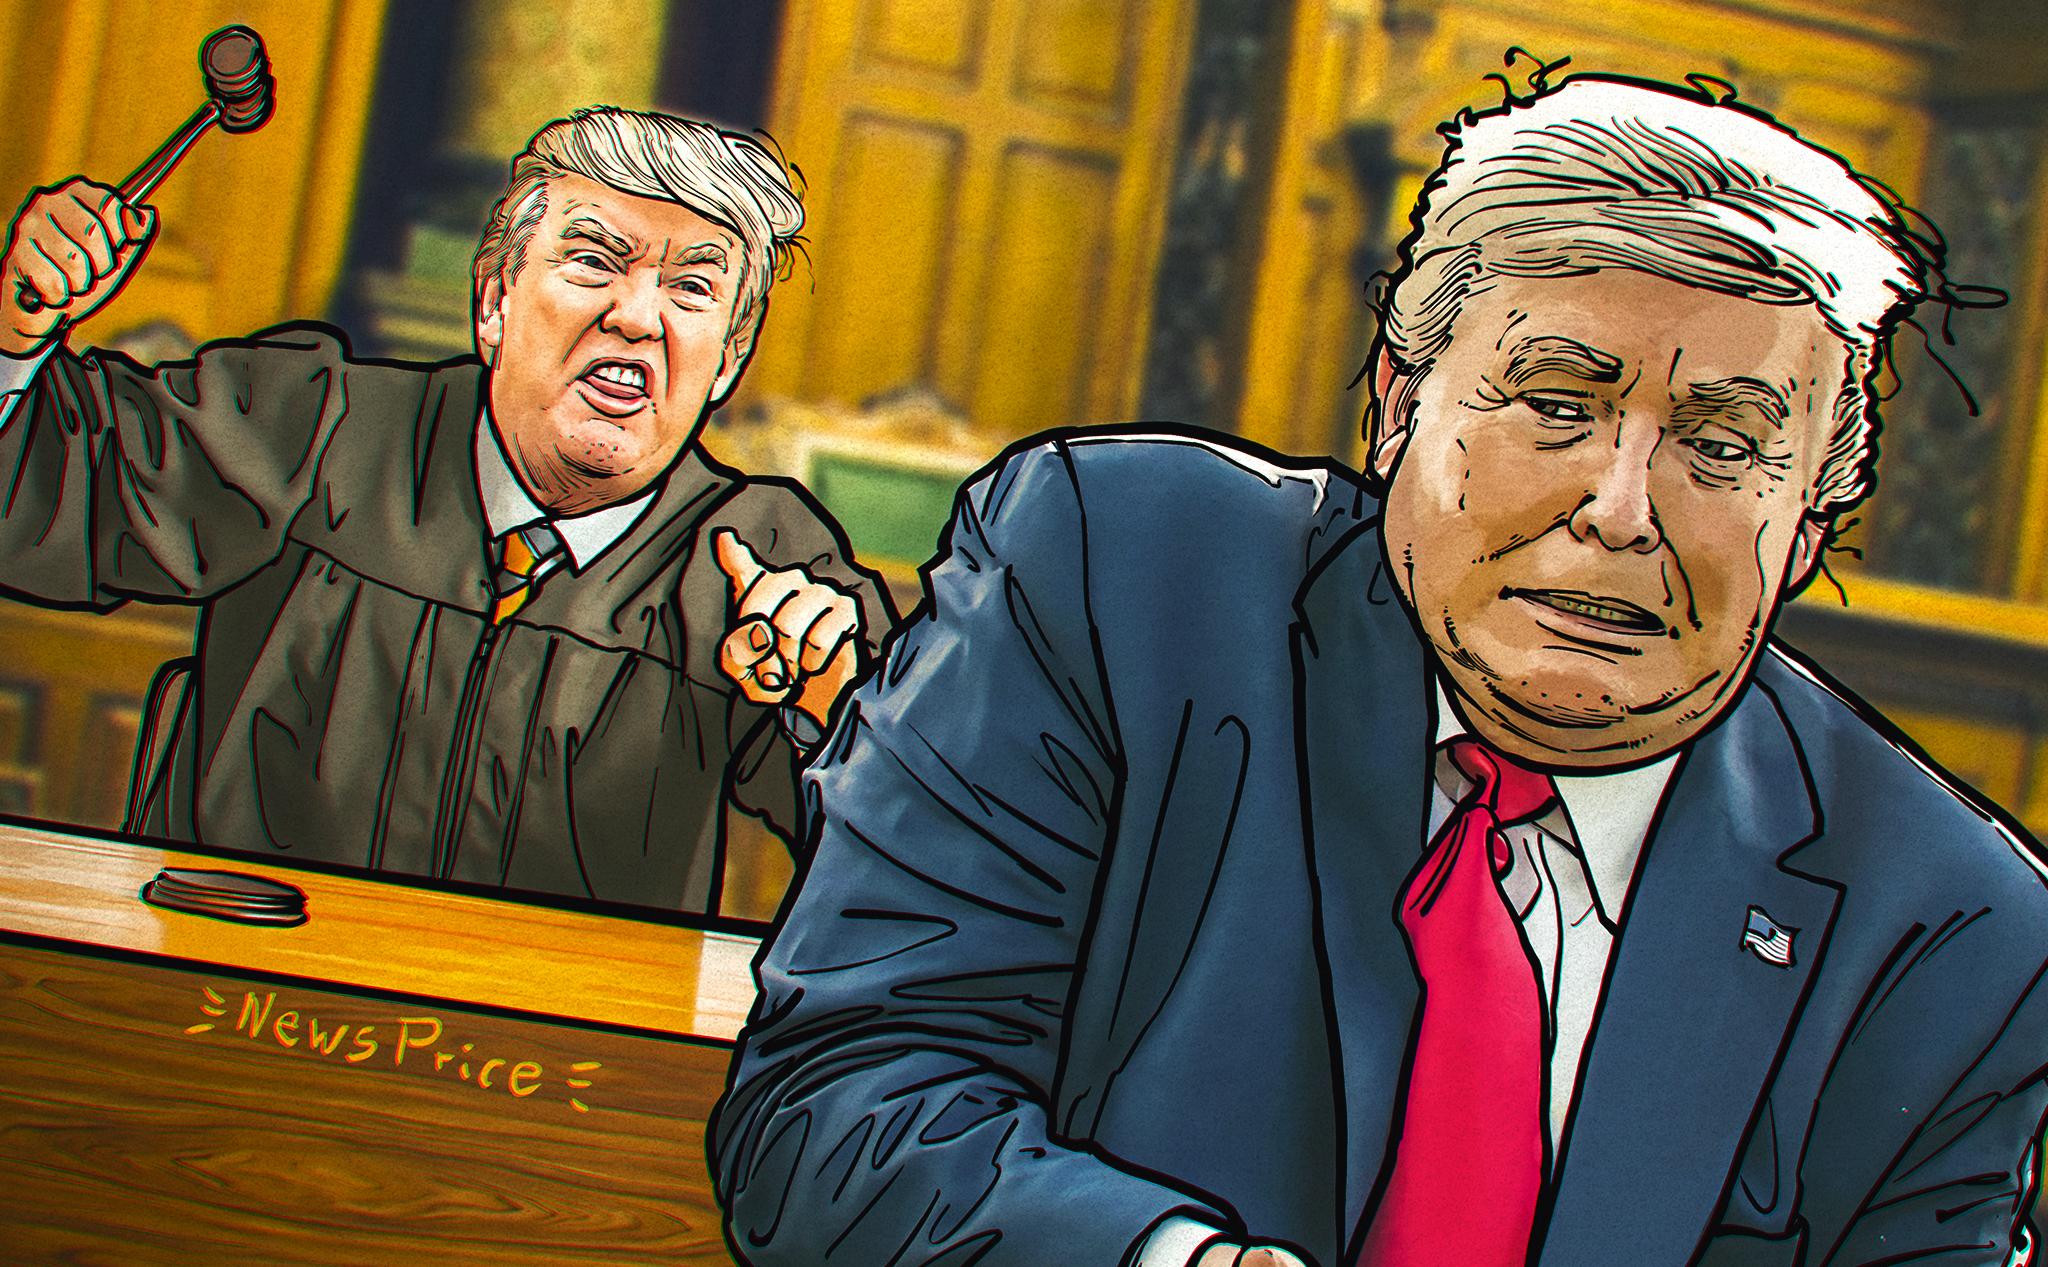 «Беспрецедентный шаг»: может ли президент Трамп помиловать самого себя?